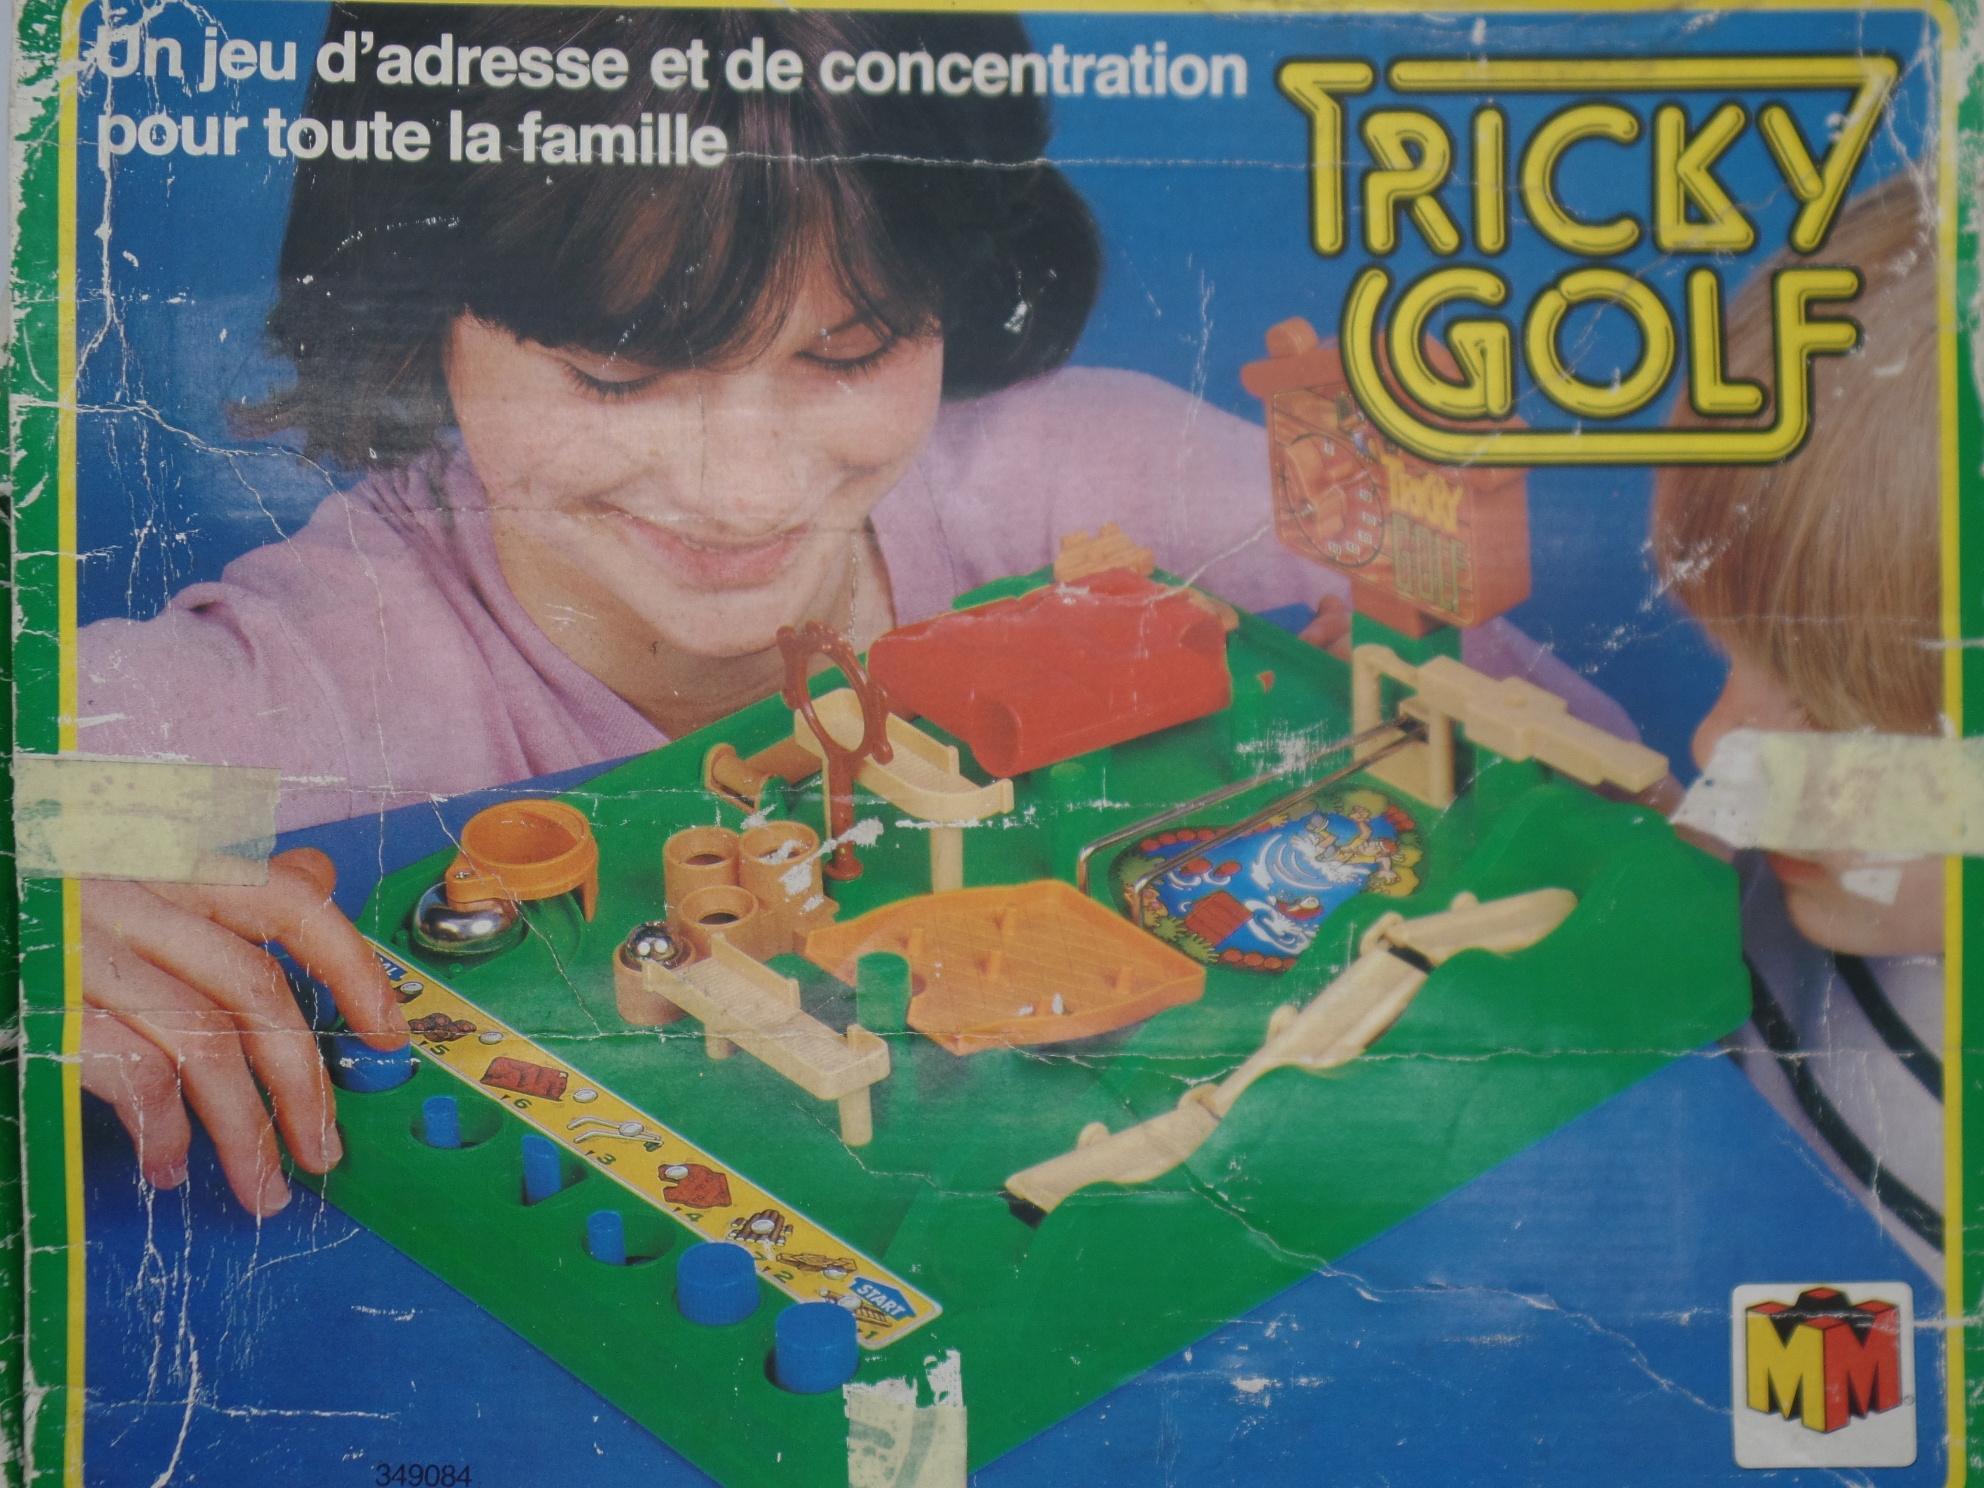 jeux de société année 80